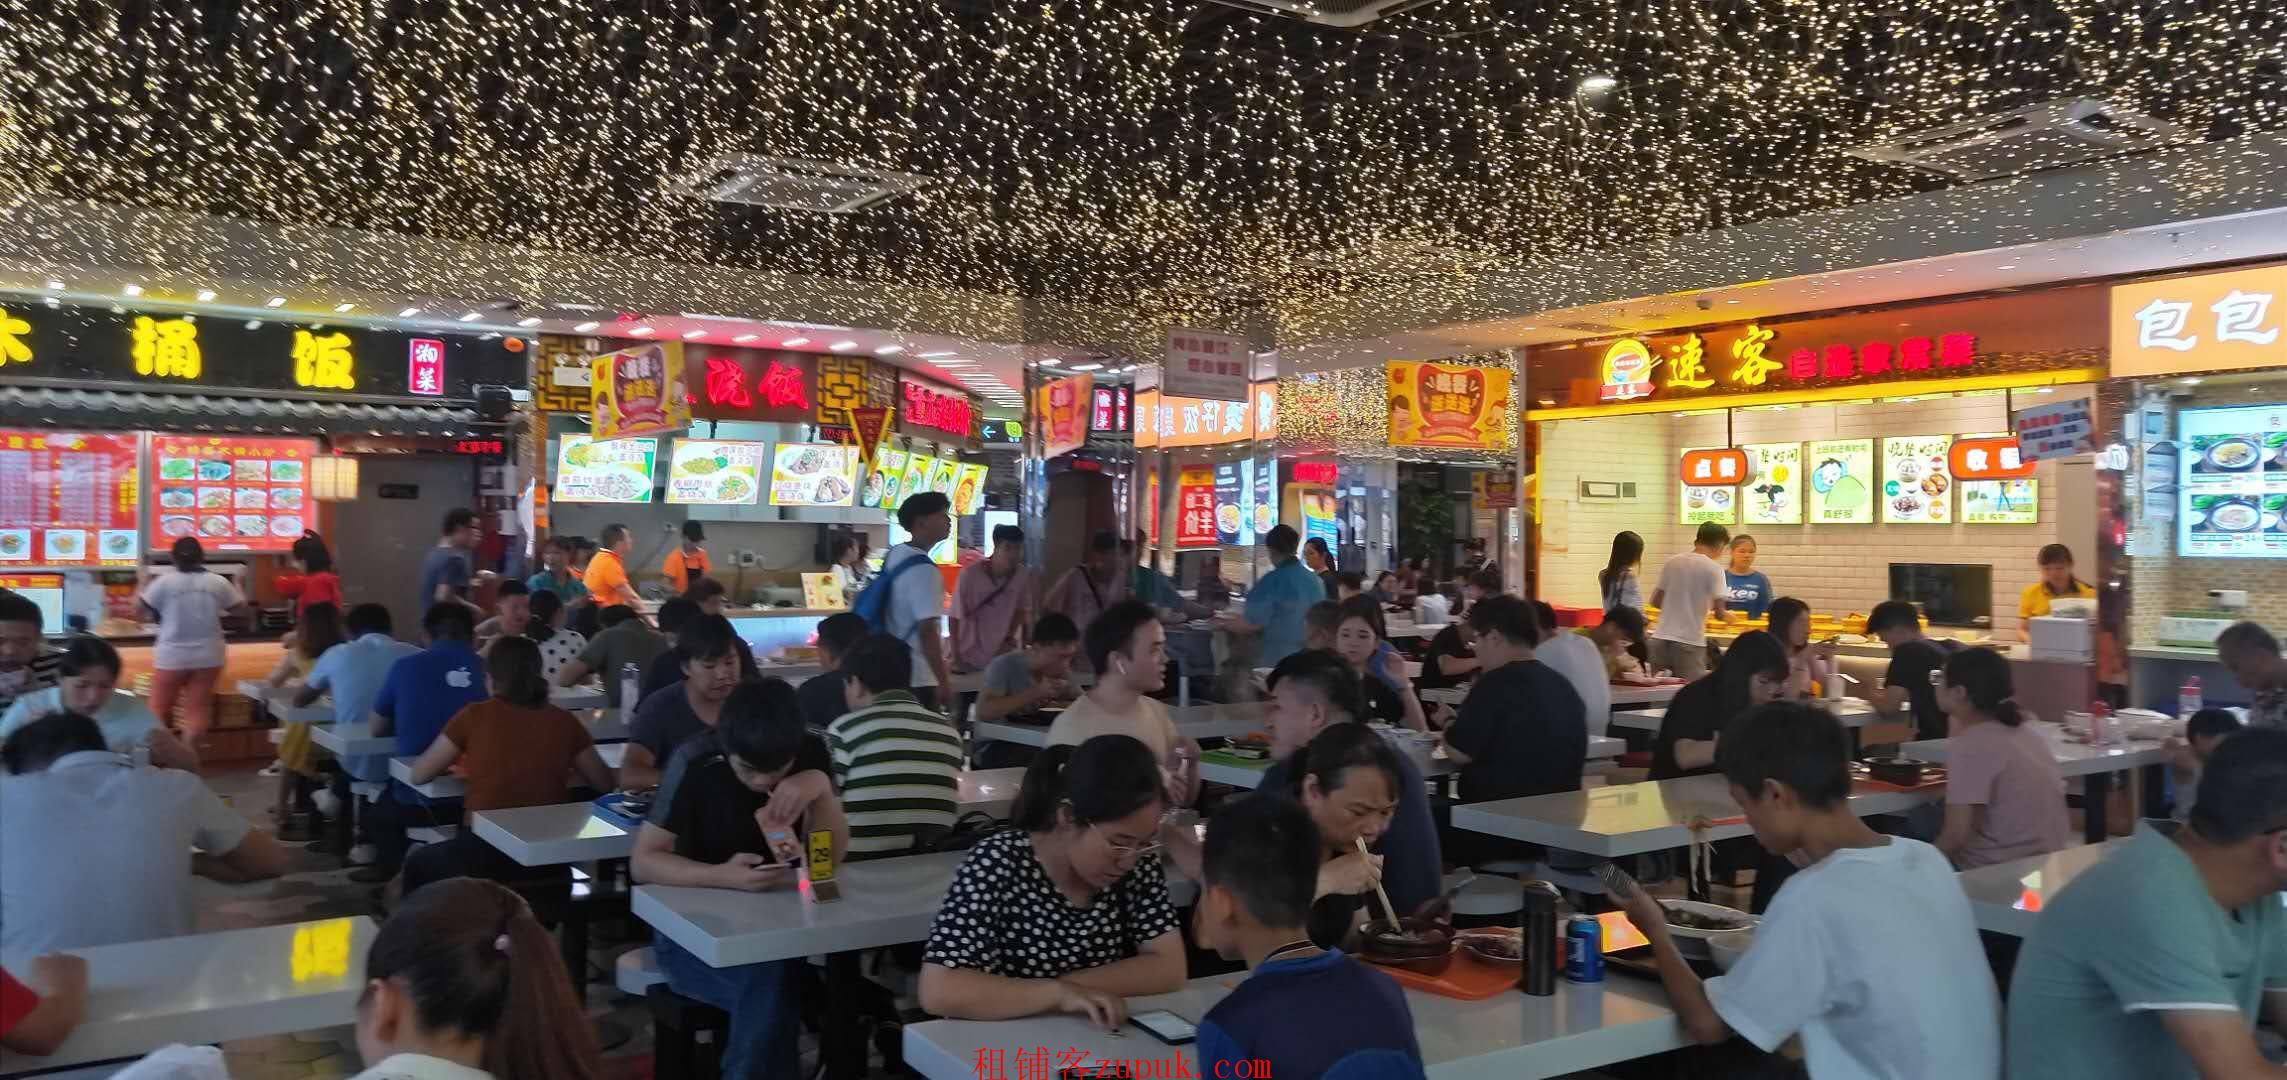 海珠区江海街,小吃店人超多,生意好,业态不限